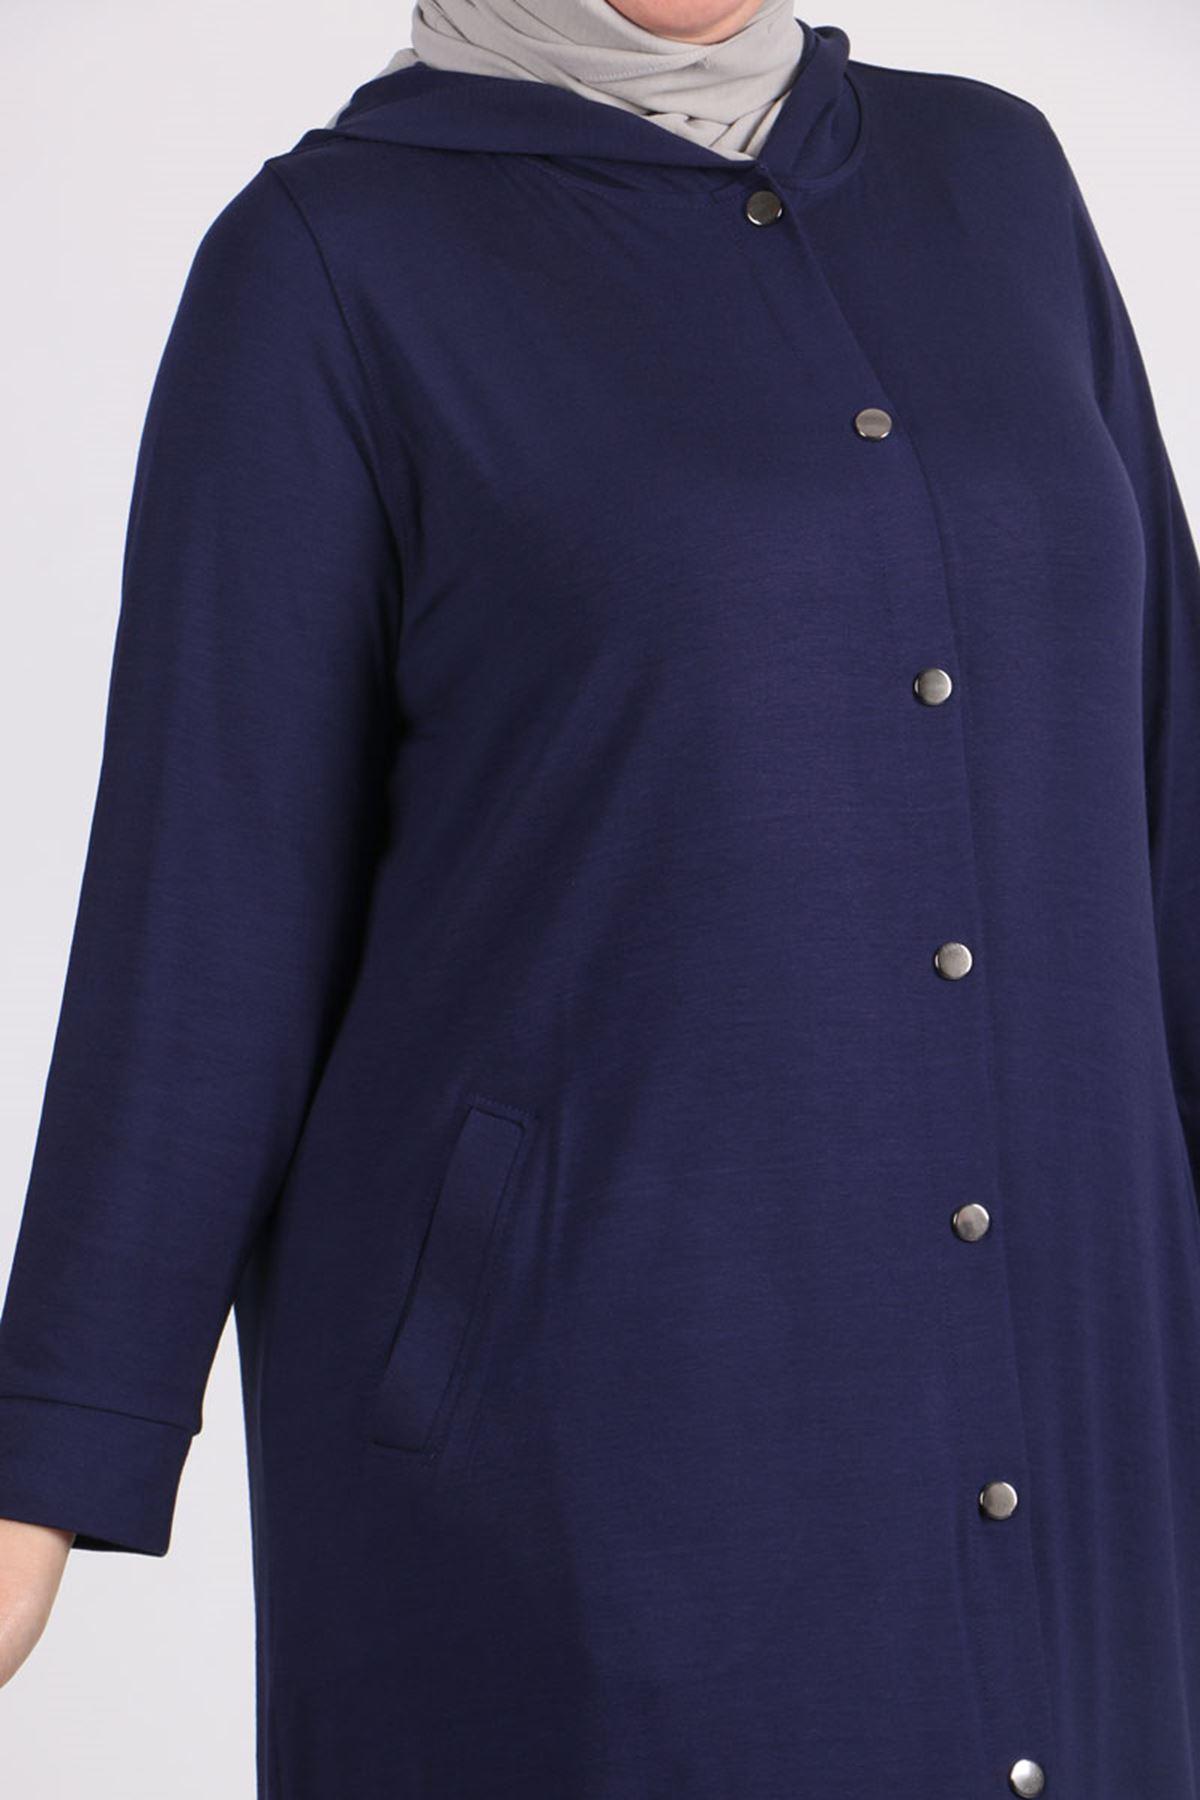 3152 Büyük Beden Çıtçıtlı Penye Ceket - Lacivert